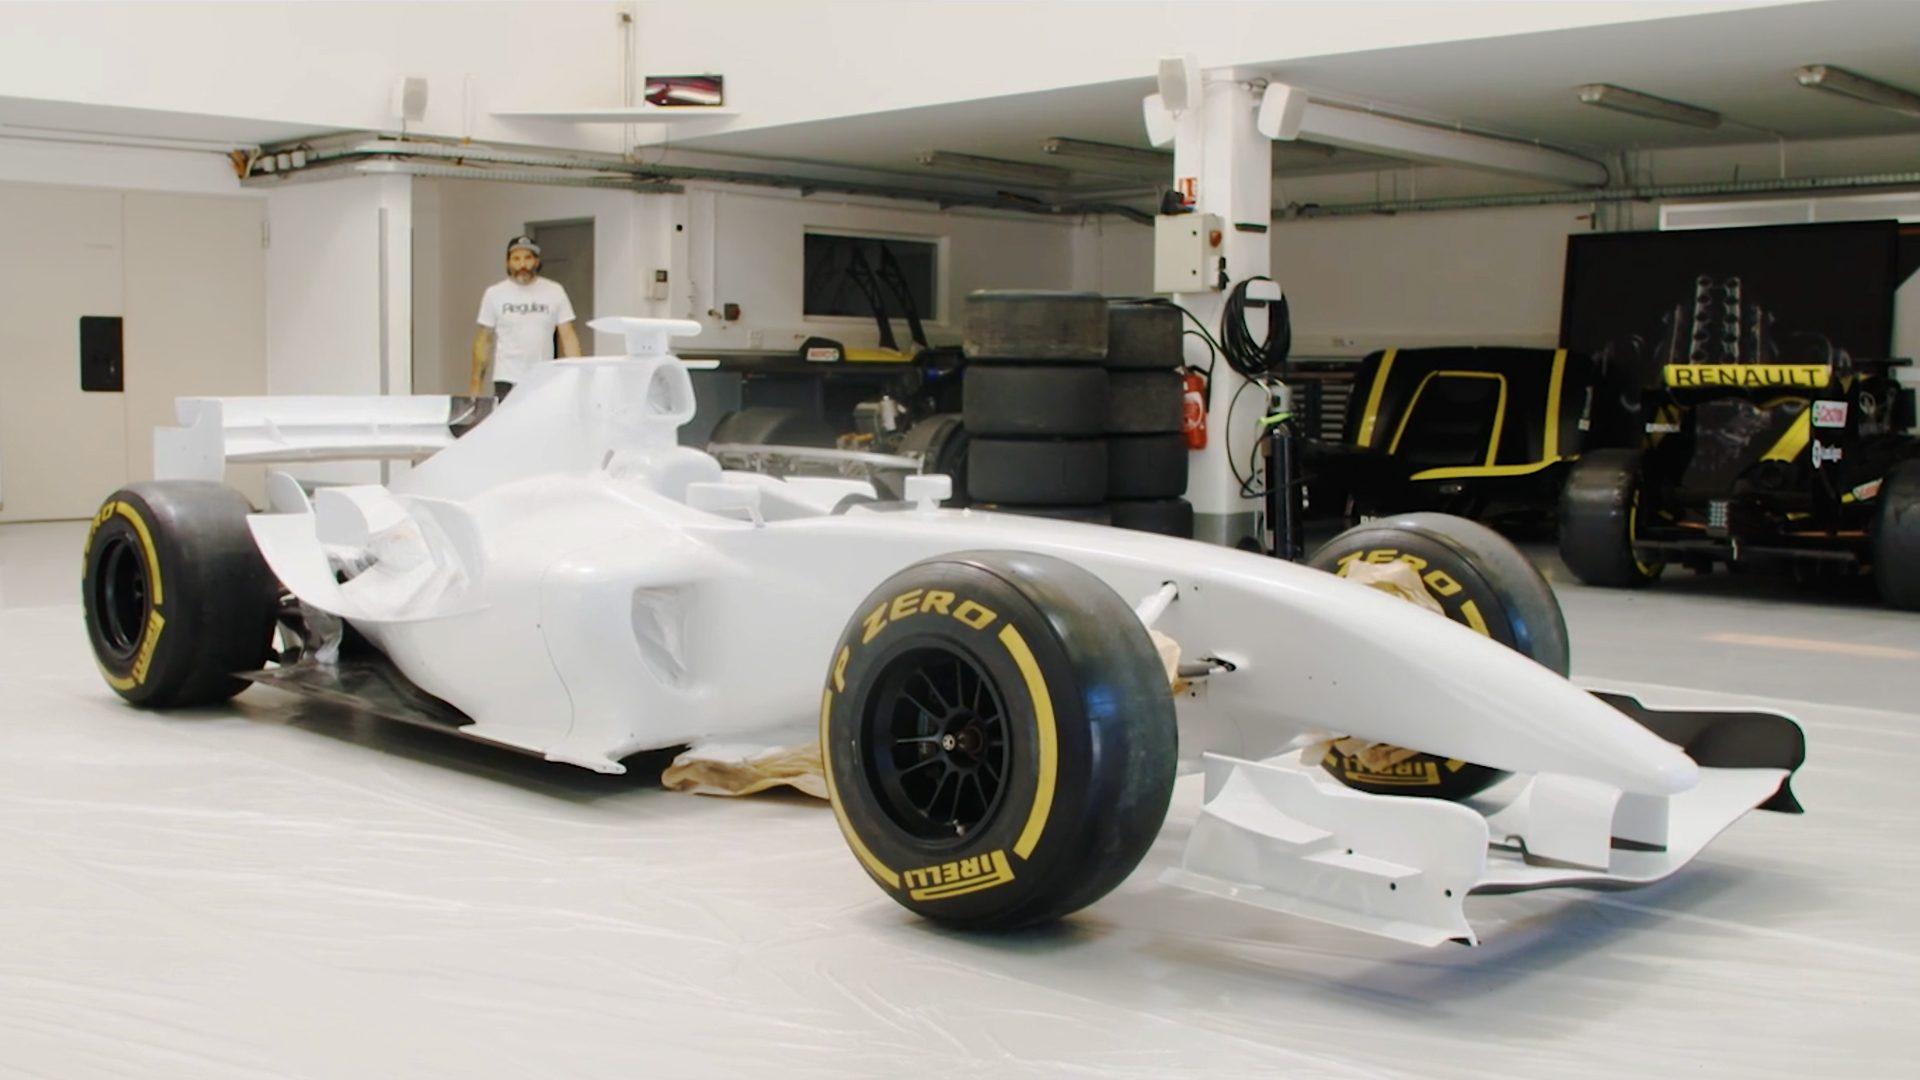 Renault, Graffiti & Circuit Paul Ricard